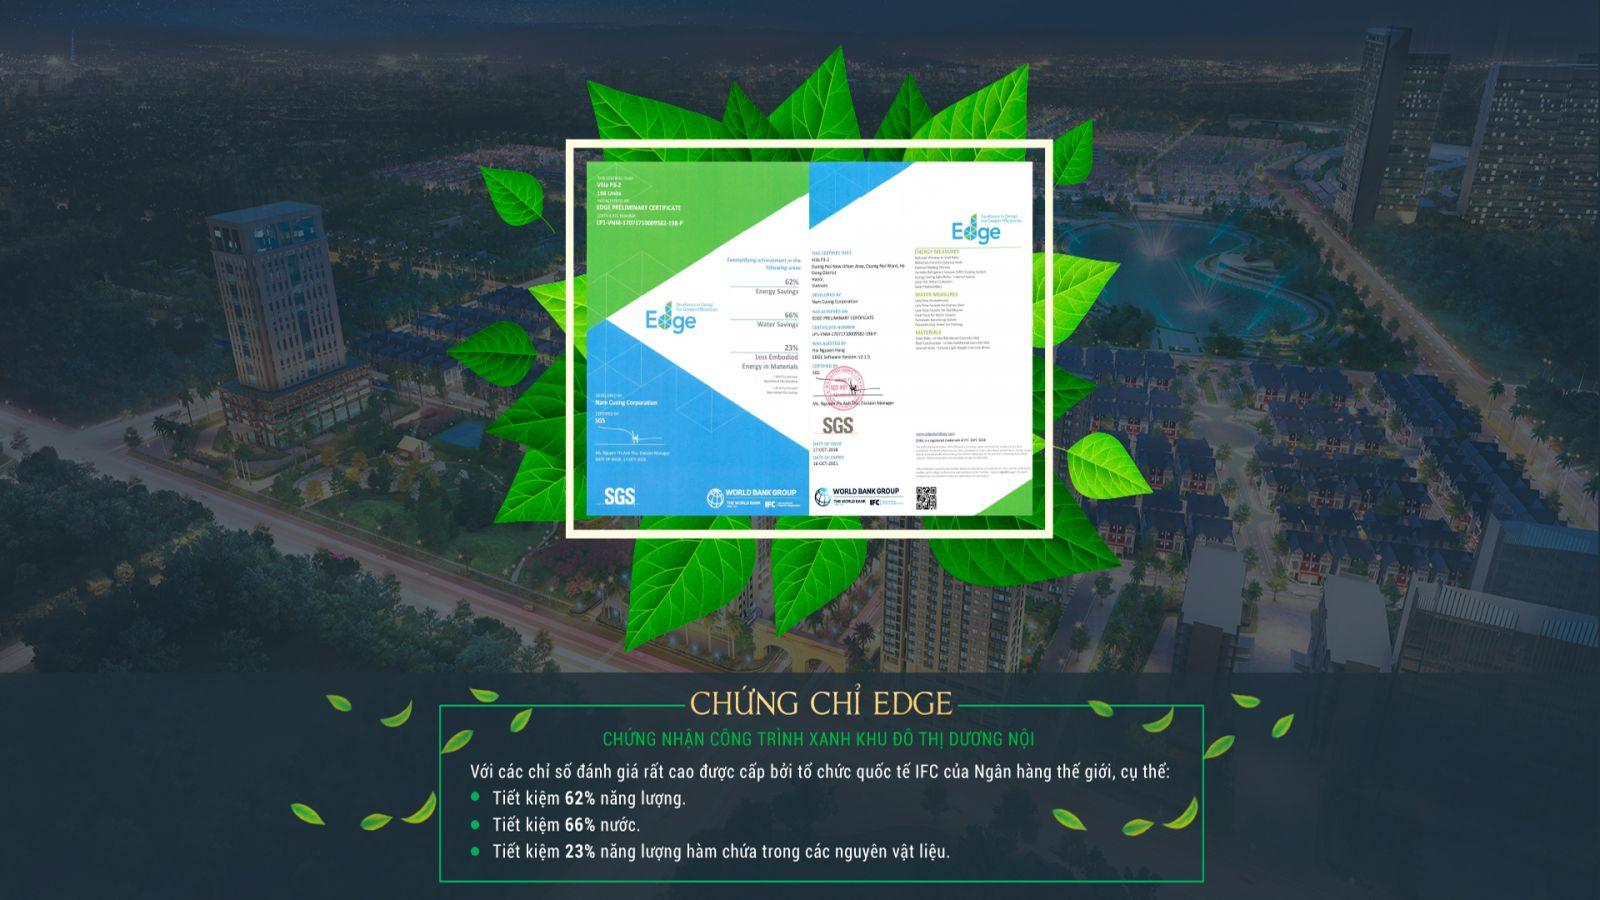 Khu đô thị Dương Nội được thiết kế và xây dựng theo tiêu chuẩn một đô thị Zero Energy